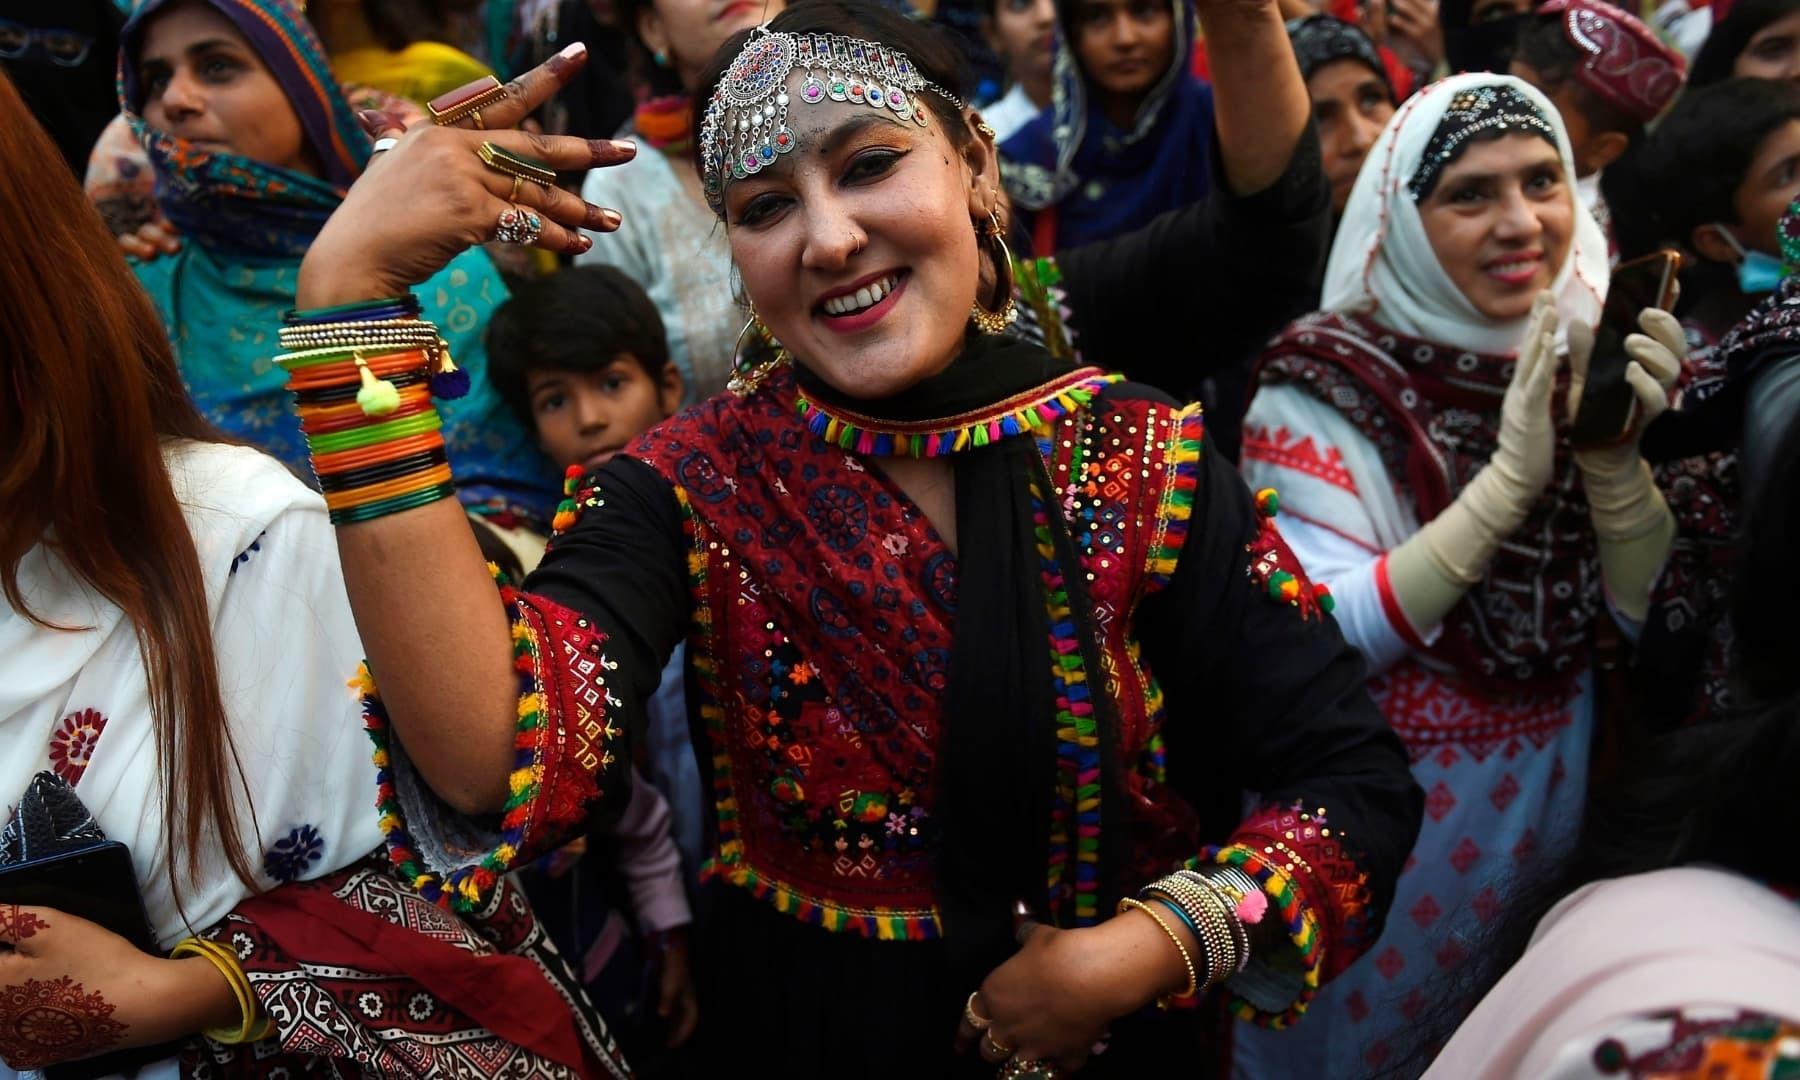 کراچی میں شہریوں نے روایتی لباس زیب تن کرکے سندھی کلچرل ڈے منایا—فوٹو: اے ایف پی